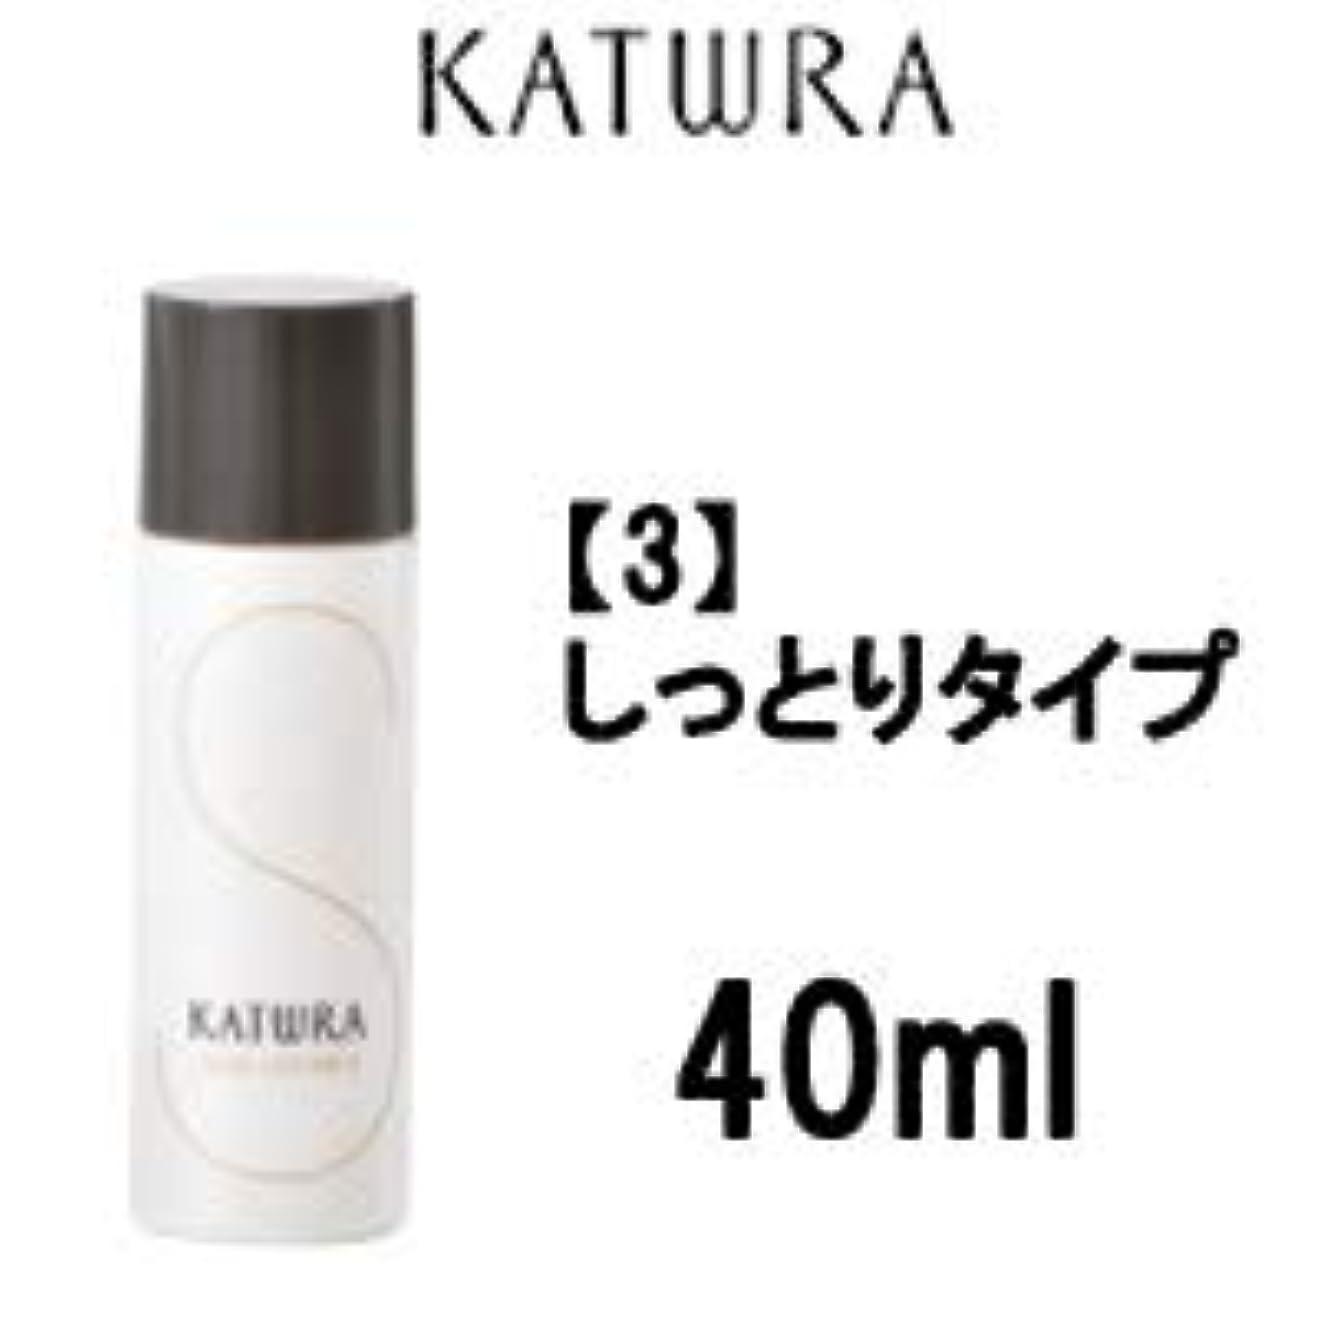 インポート縫う精神医学カツウラ化粧品 スキンローションA 40ml (3 しっとりタイプ)